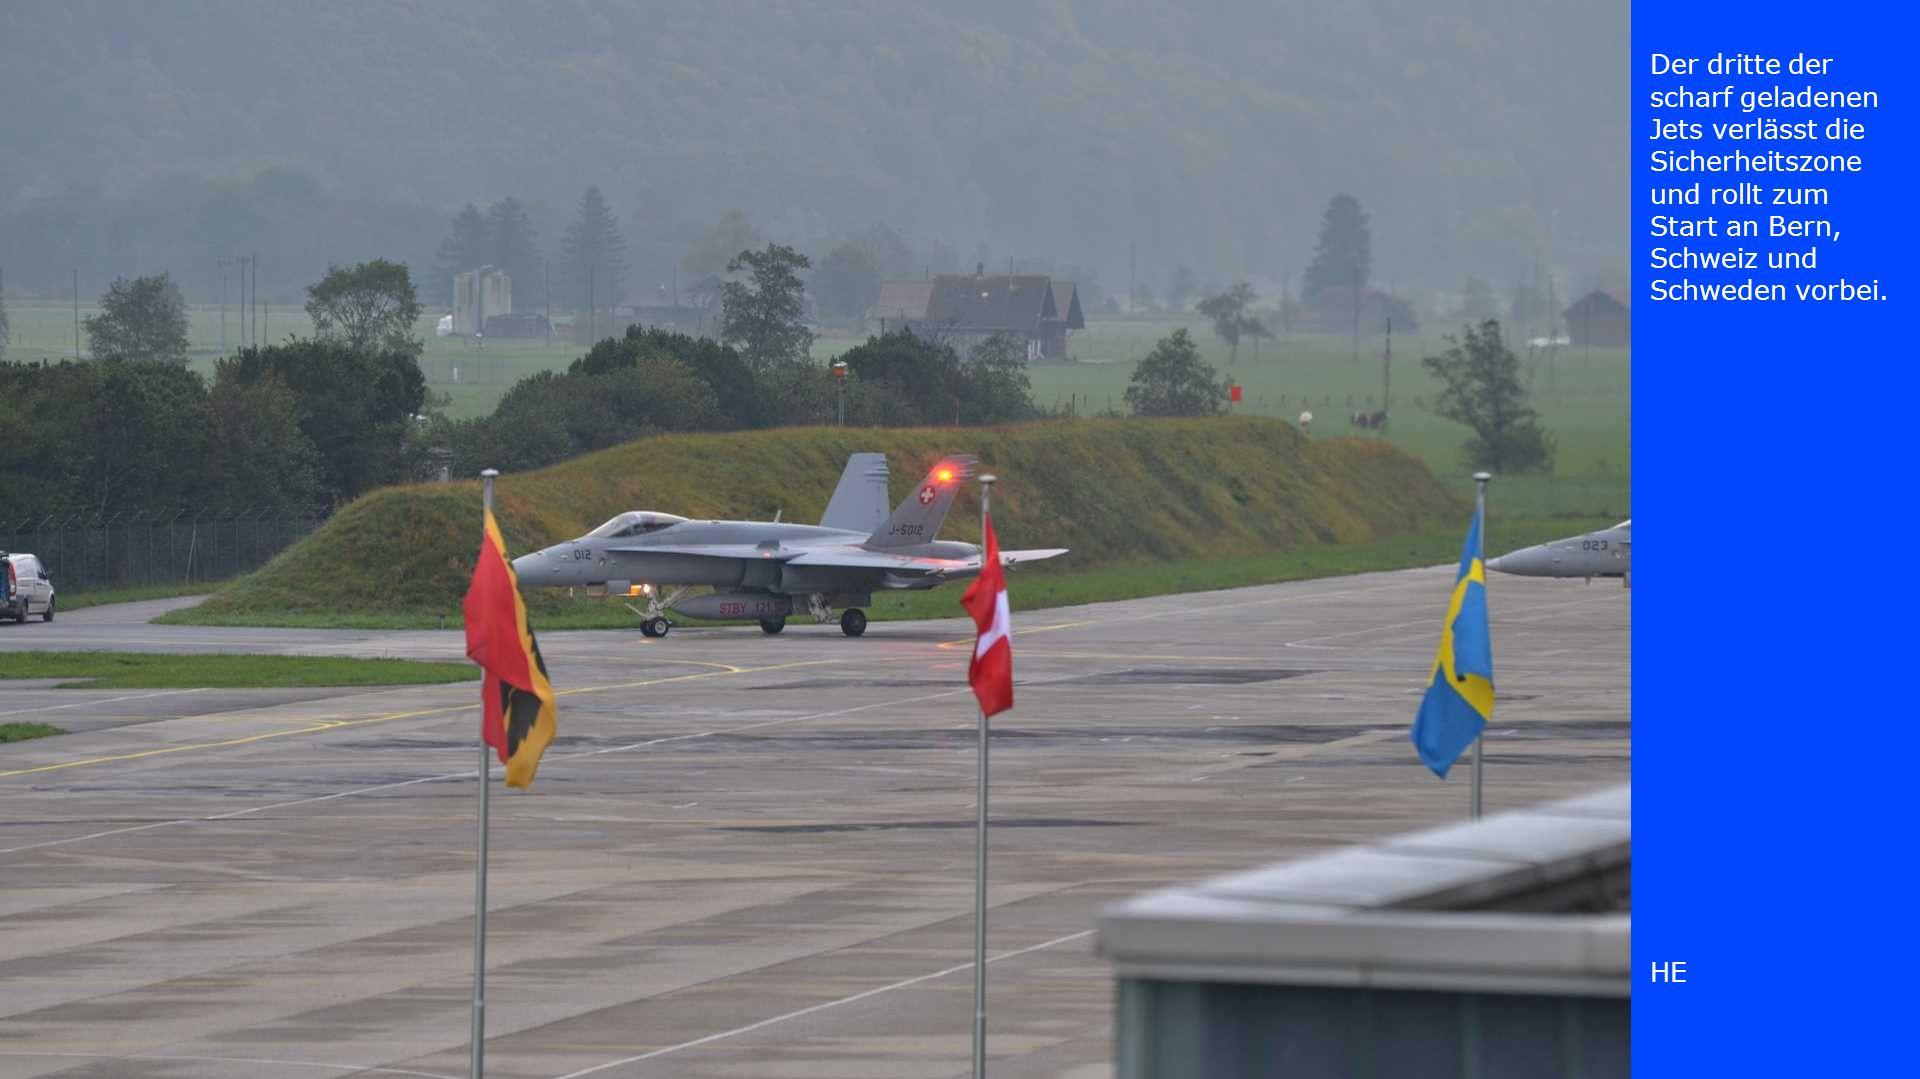 Der dritte der scharf geladenen Jets verlässt die Sicherheitszone und rollt zum Start an Bern, Schweiz und Schweden vorbei. HE